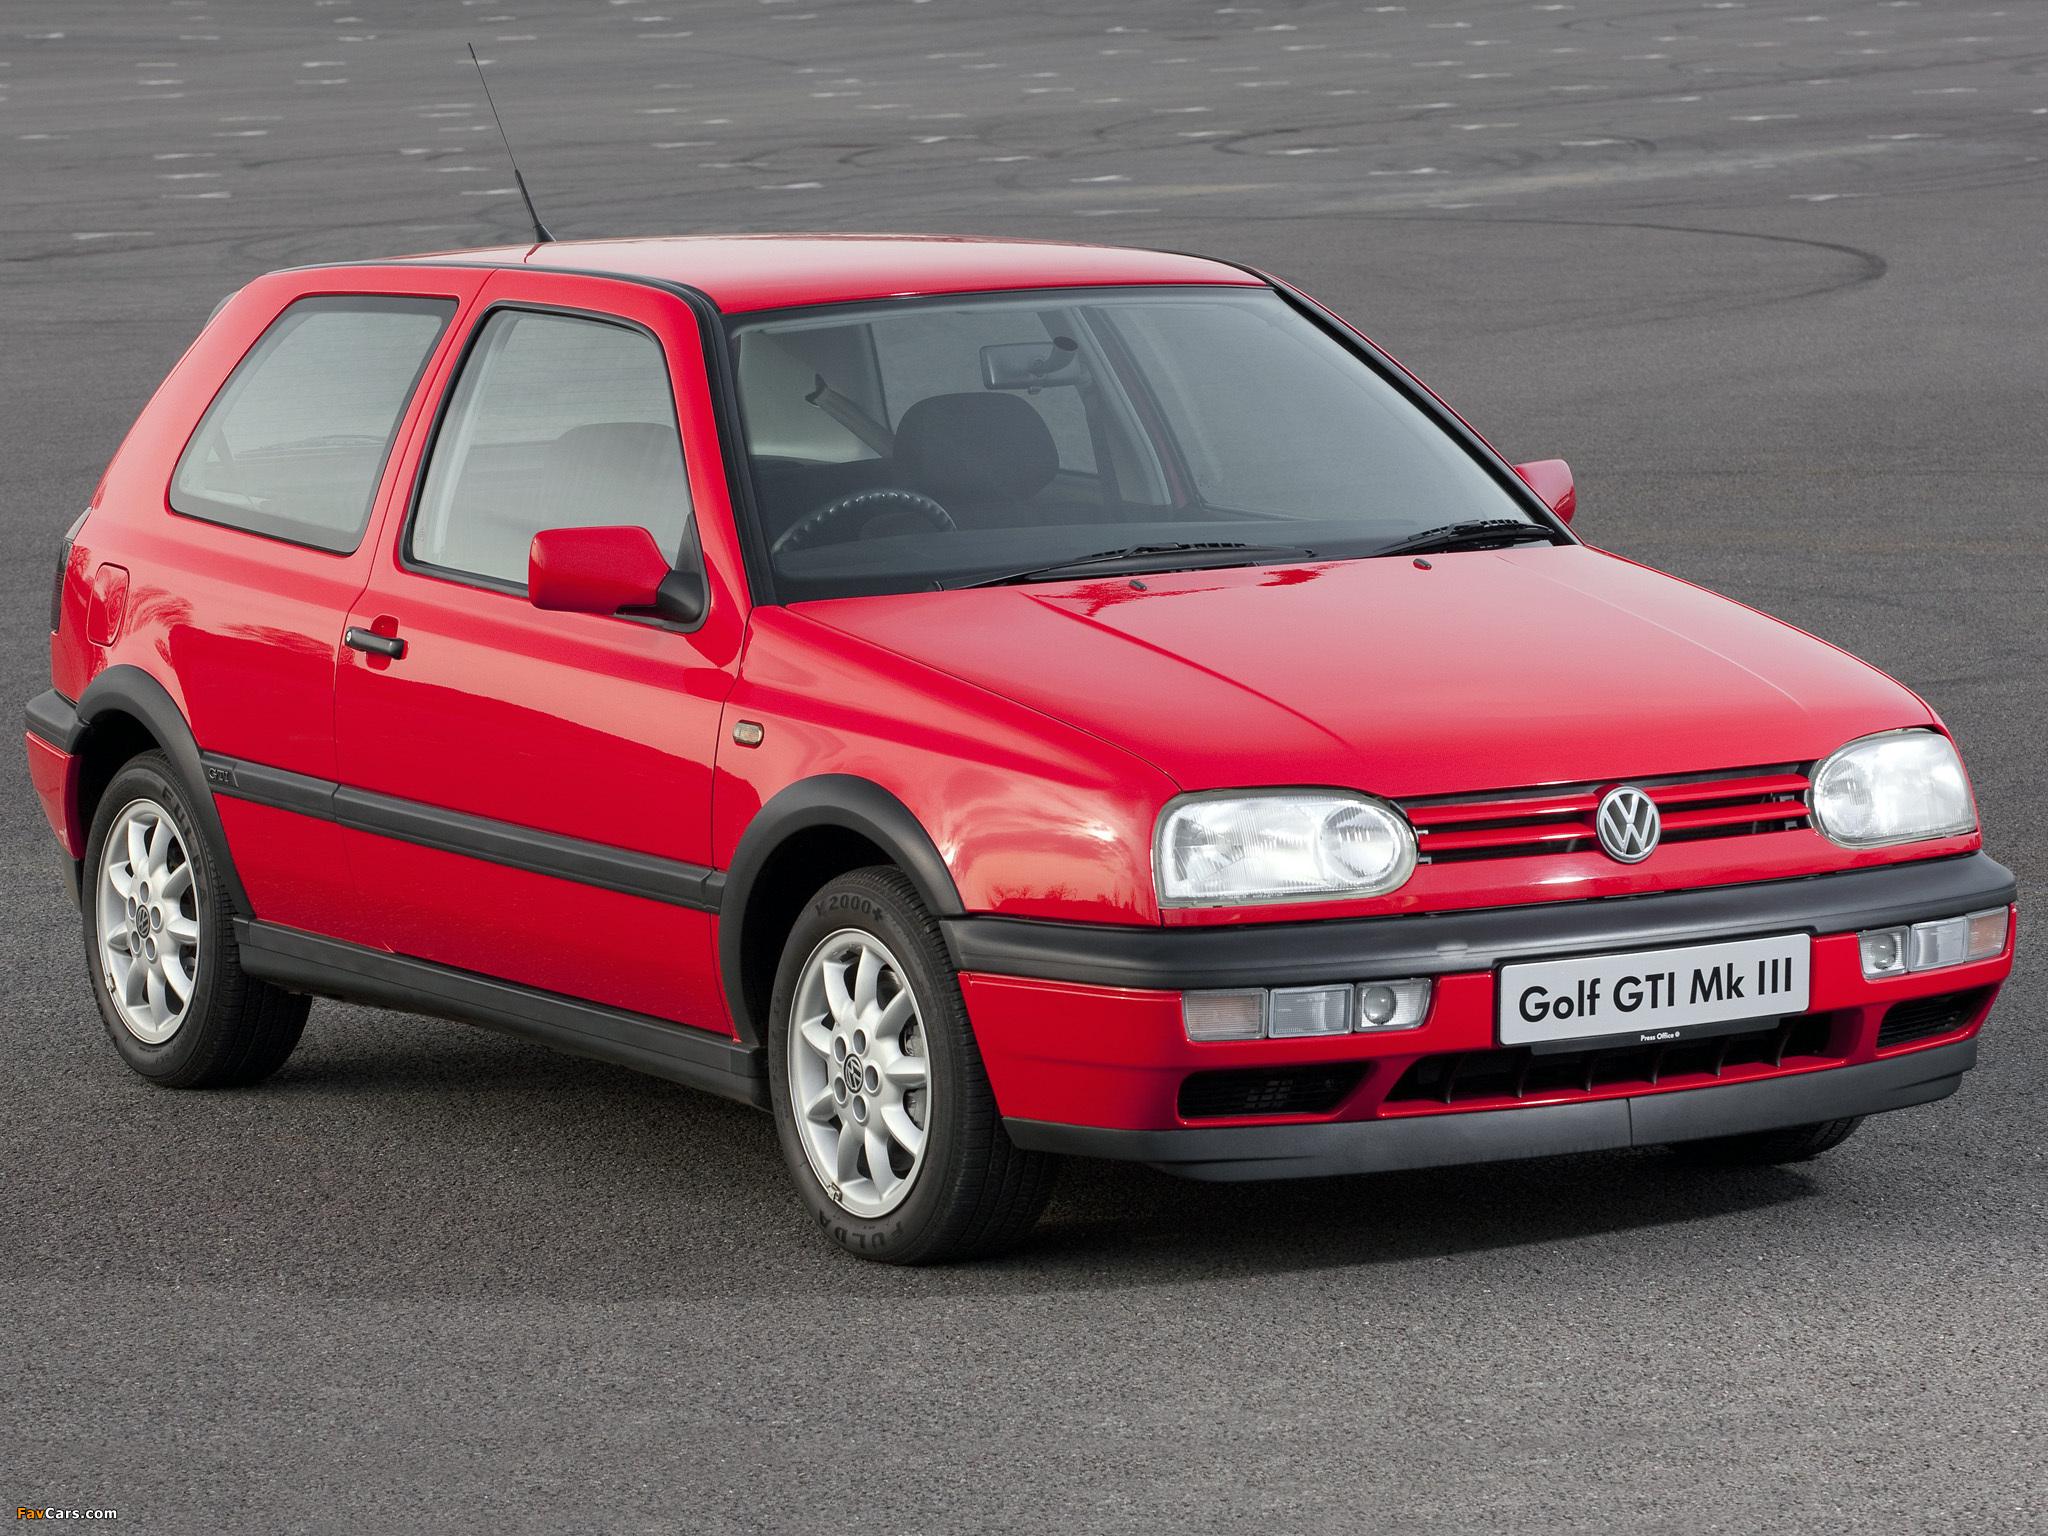 Volkswagen Golf Gti Uk Spec Type 1h 1992 97 Wallpapers